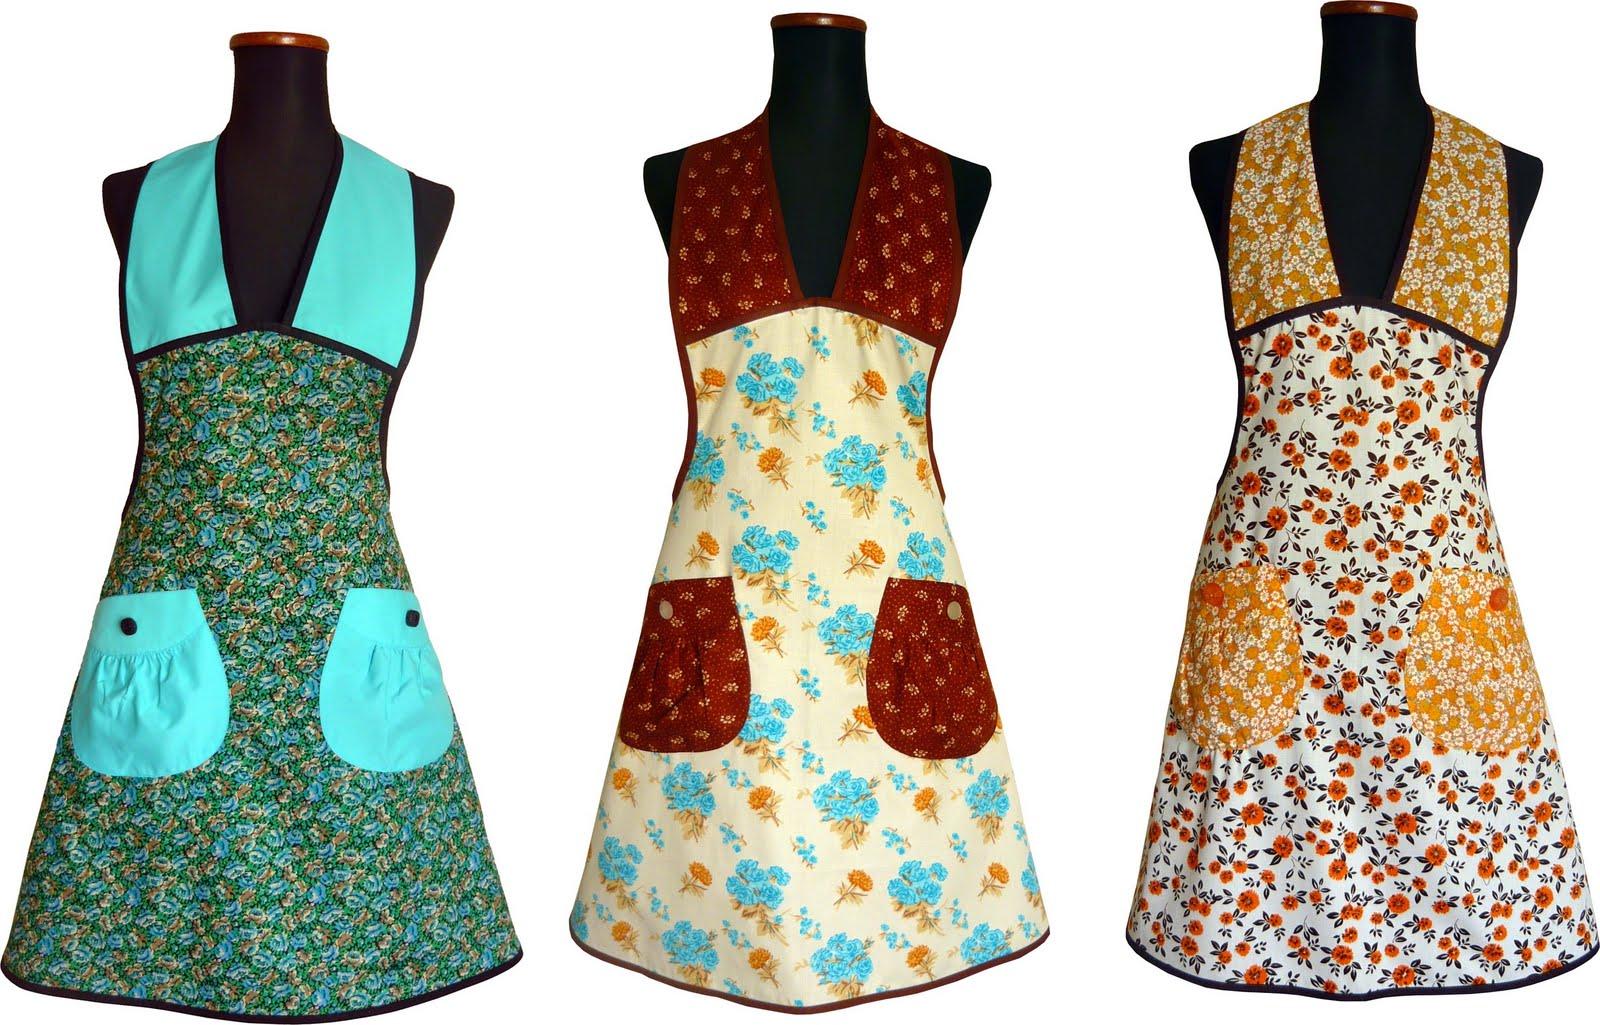 Baking cakes delantales y accesorios de cocina julio 2010 for Delantales de cocina